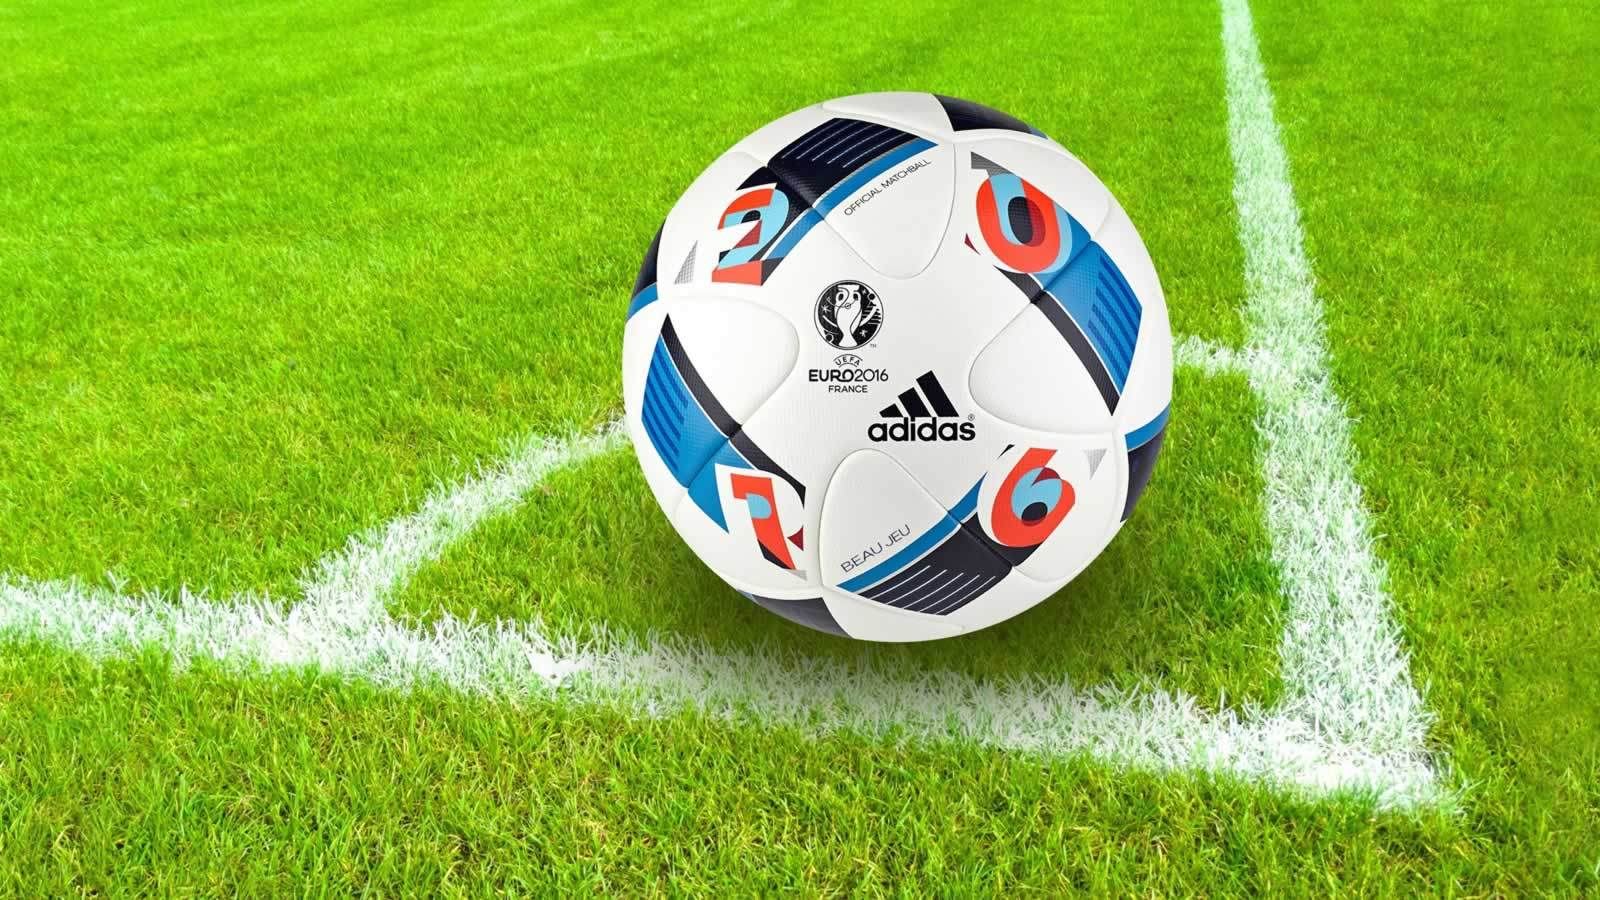 Πλούσιο ποδοσφαιρικά είναι και το σημερινό πρόγραμμα των αθλητικών μεταδόσεων, με αγώνες απο την Serie A, την Premier League αλλά και με αγώνες της La Liga και της Liga Portugal.